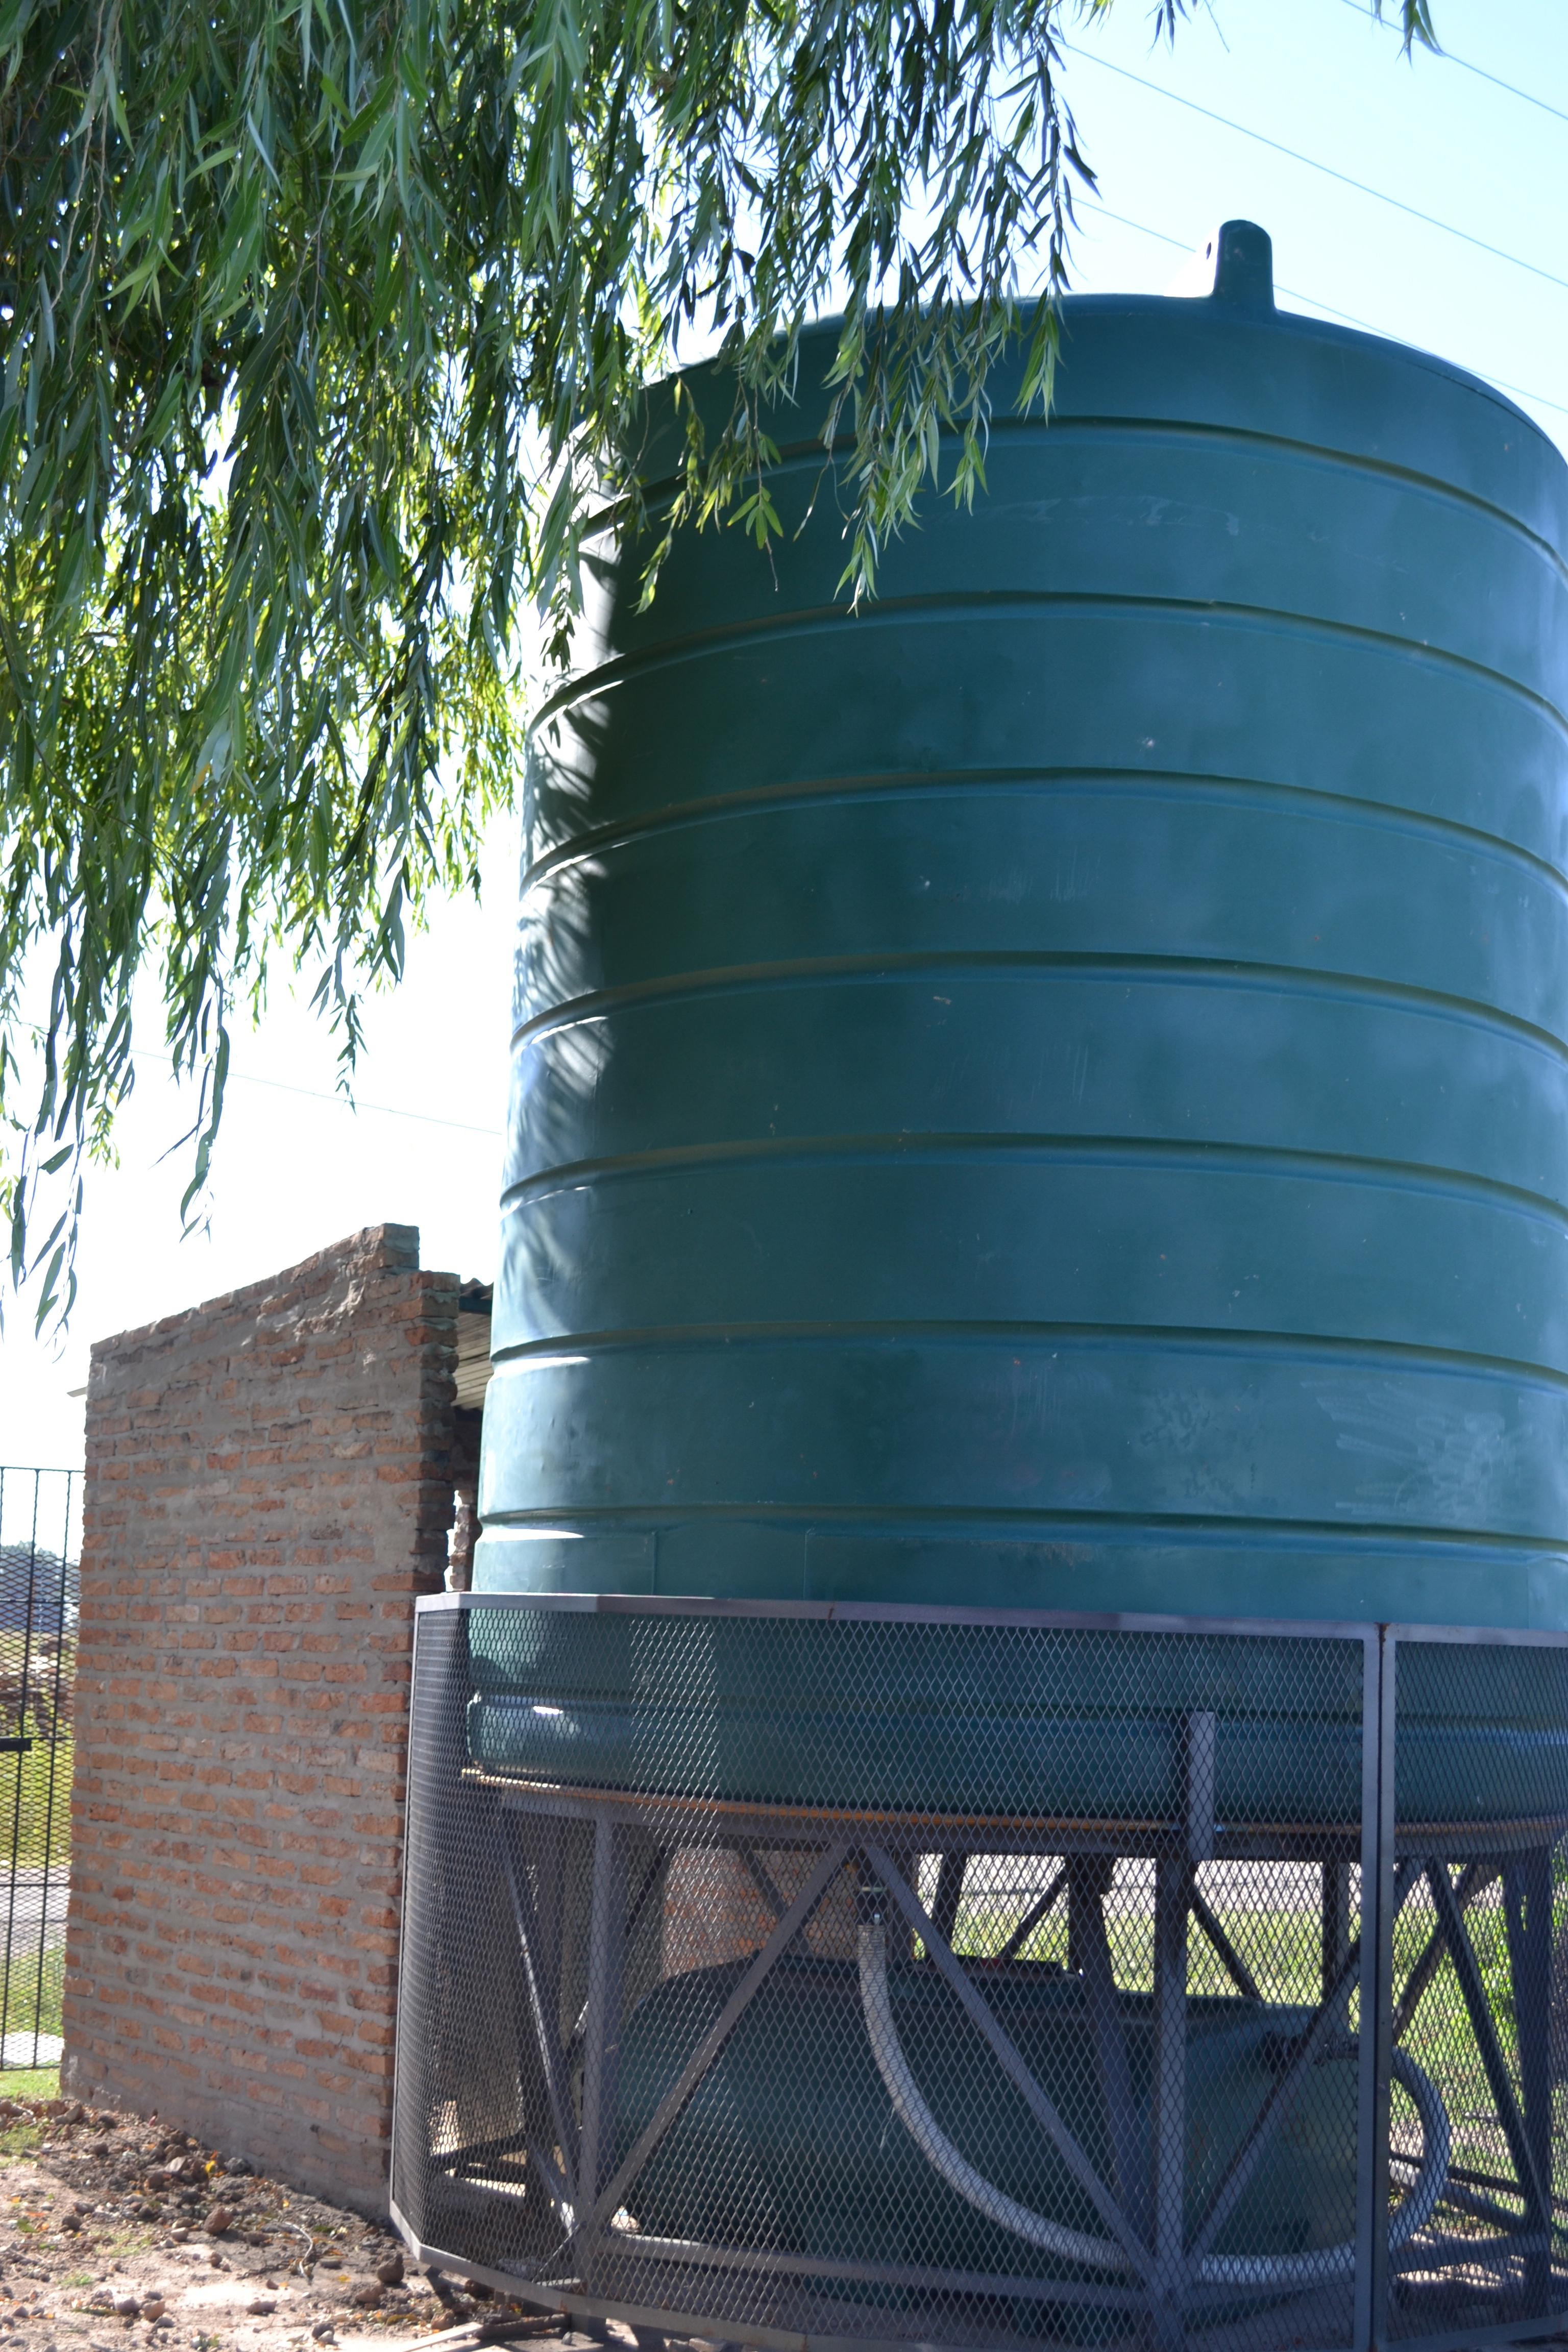 Giros communal water tank